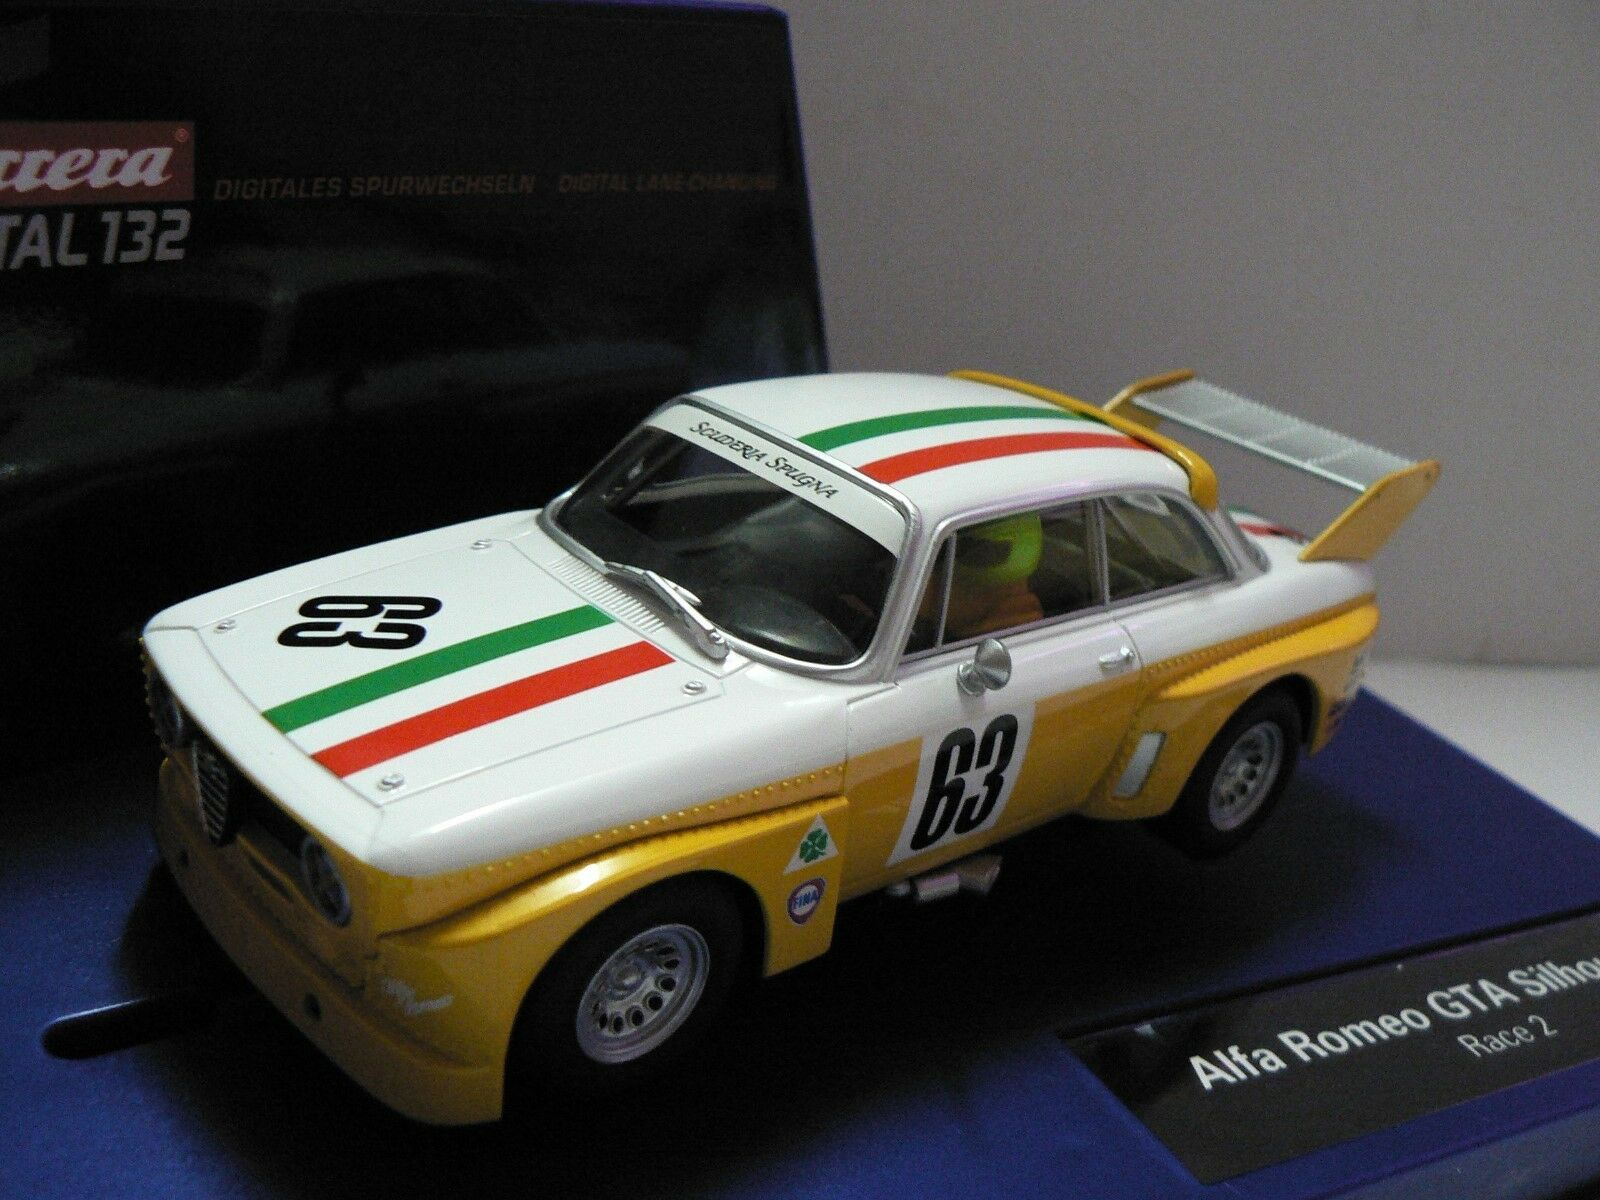 Carrera Digital 132 30625 Alfa Romeo Gta Silhouette Race 2 New